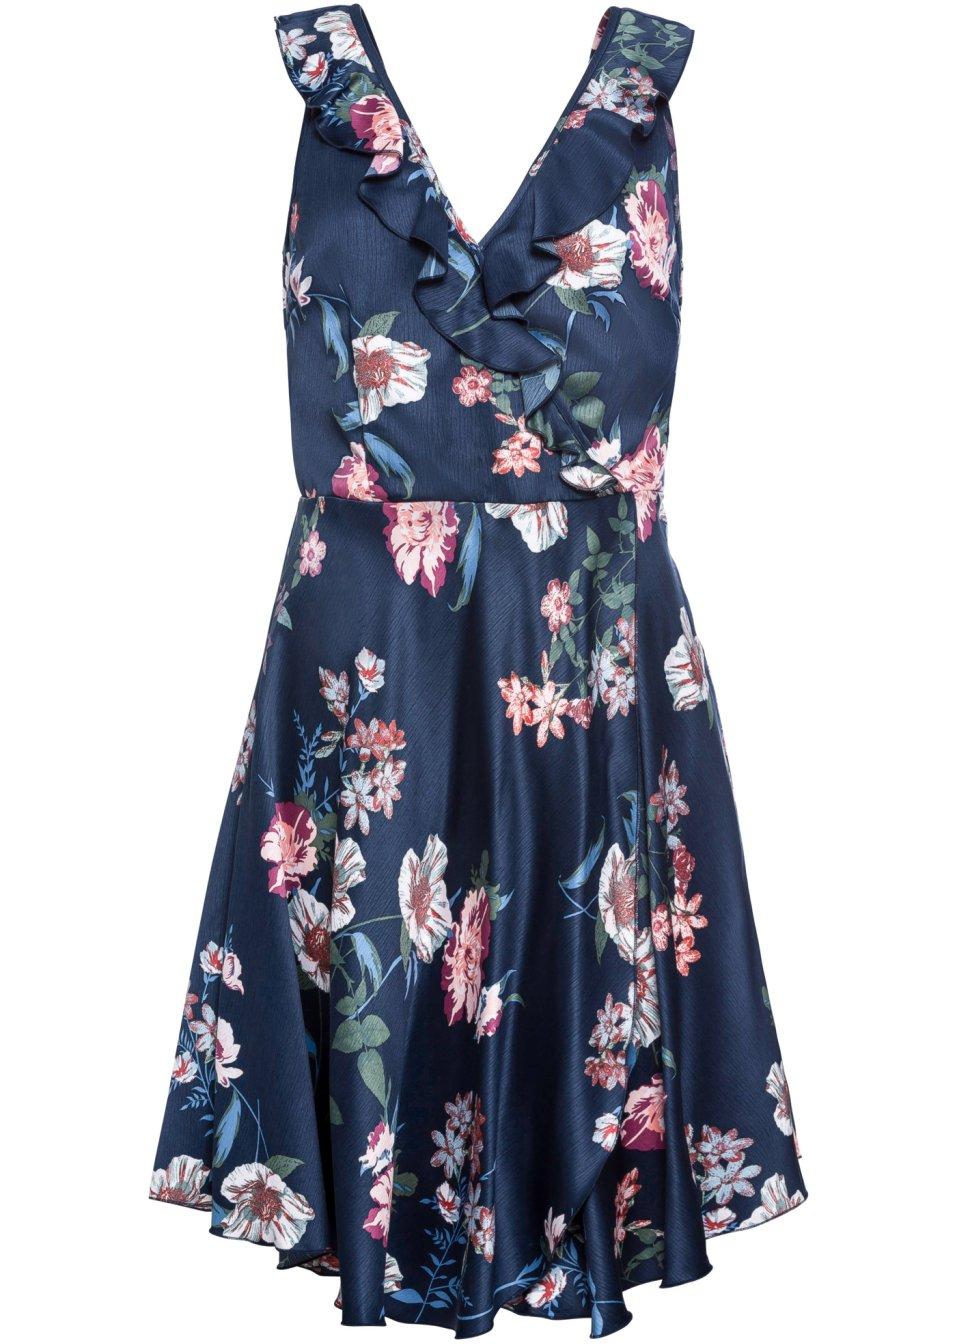 Ärmelloses Kleid mit Volant und modischem Druck - dunkelblau geblümt cJHLJ lPIz9